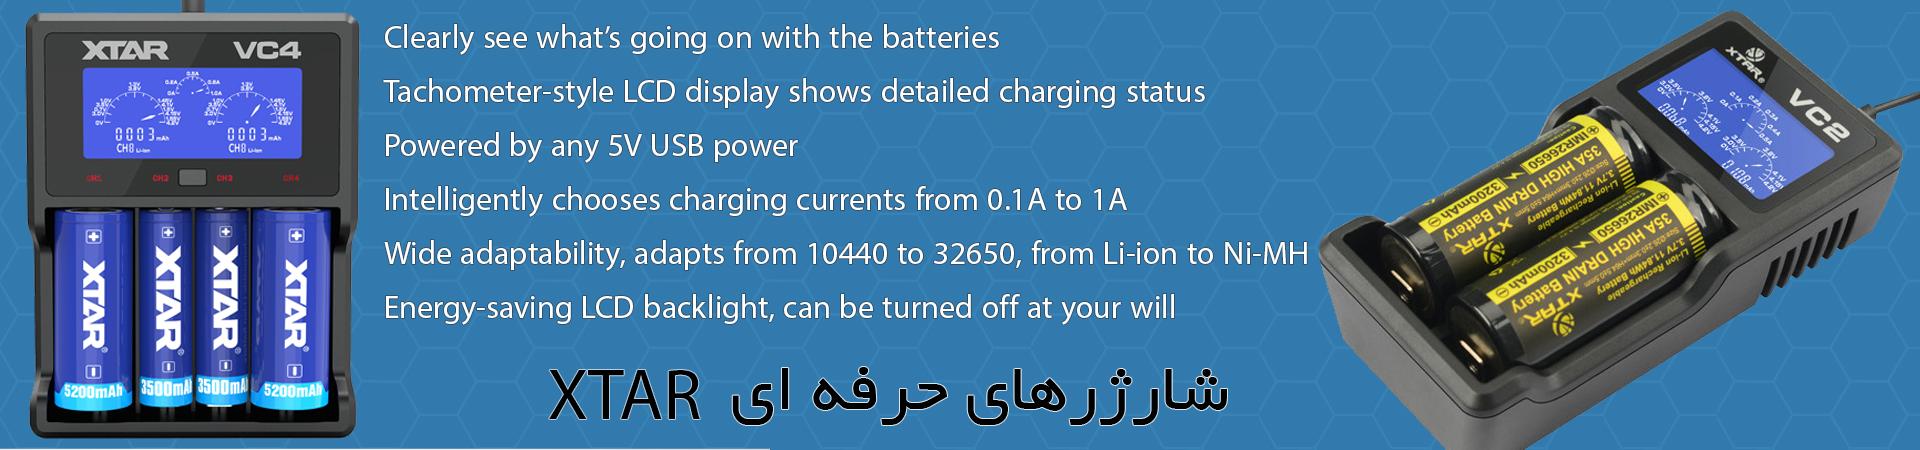 شارژر حرفه ای باتریهای لیتیومی